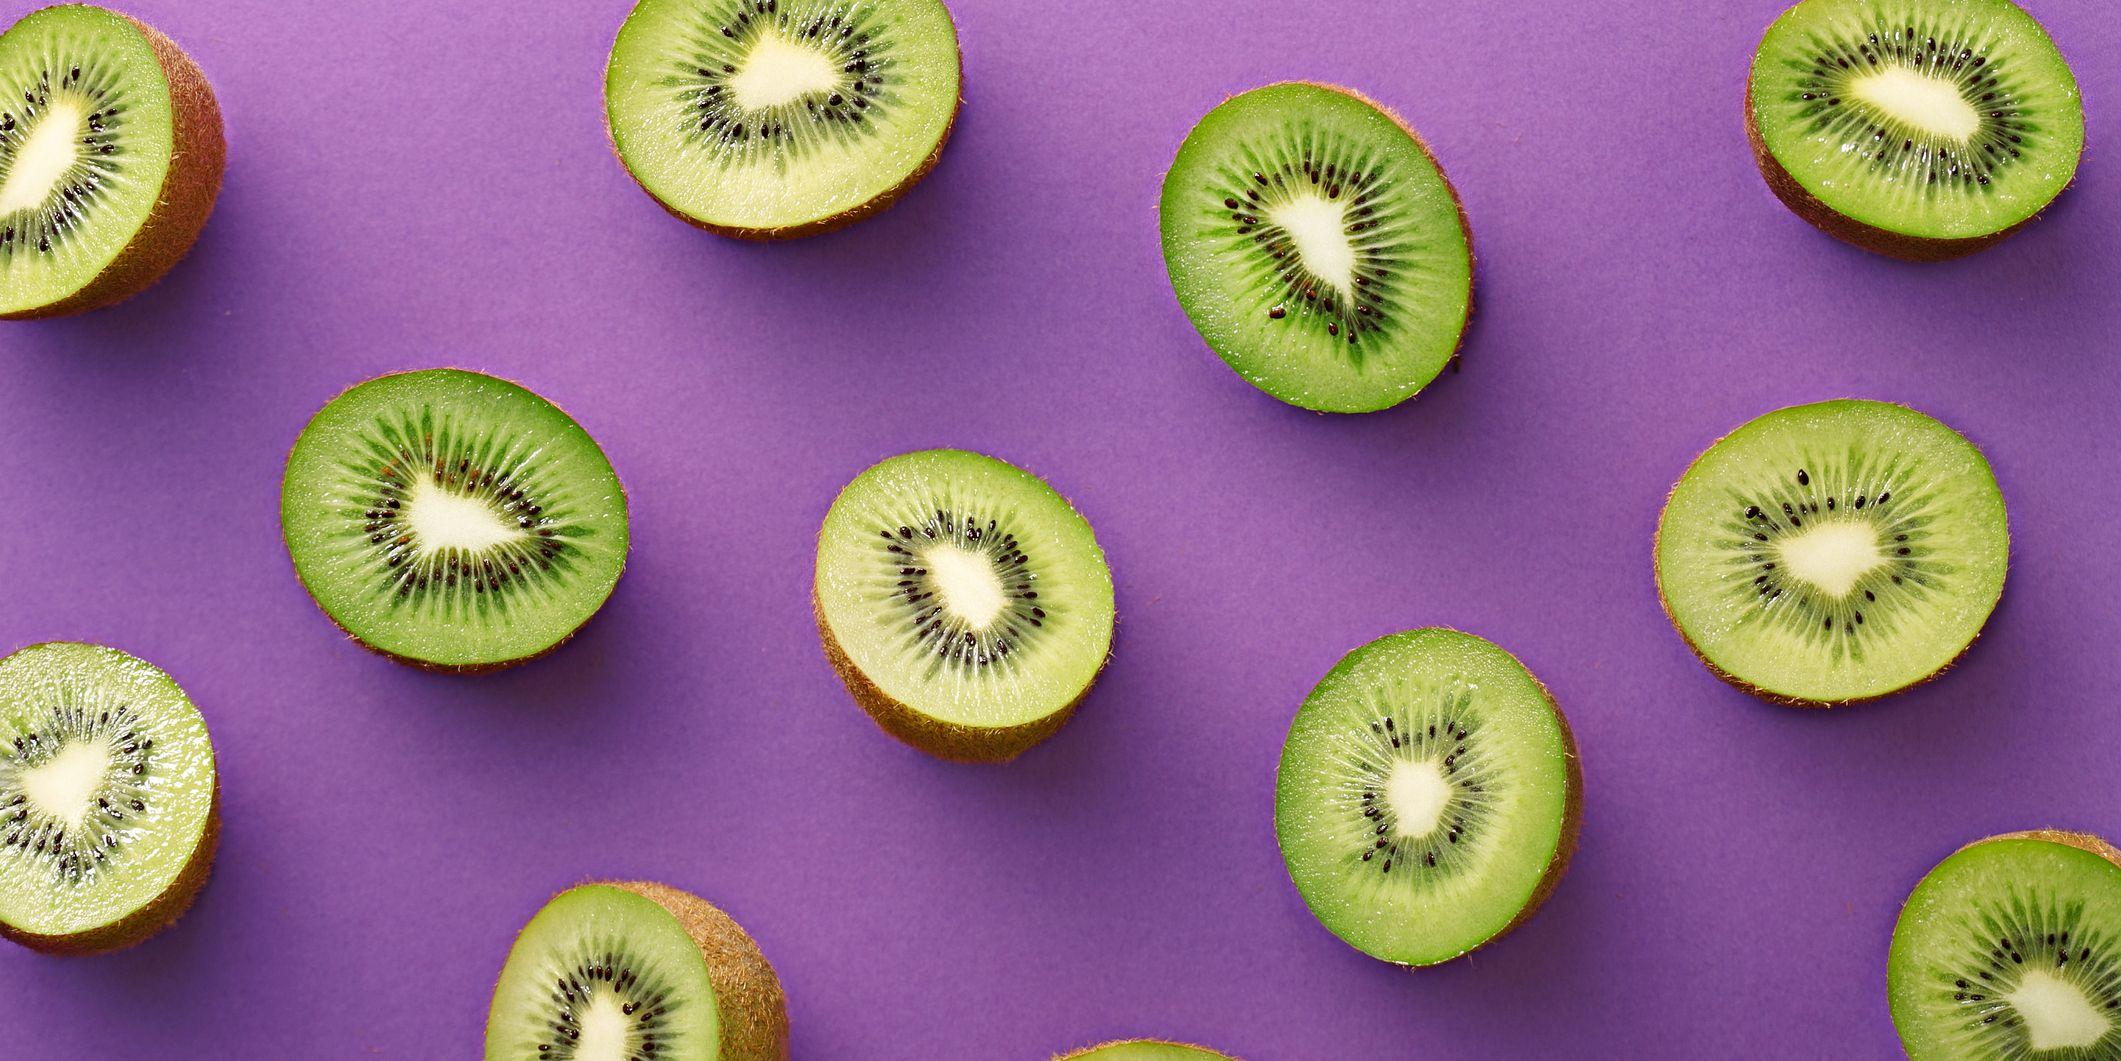 Close-Up Of Kiwi Fruits Over Purple Background